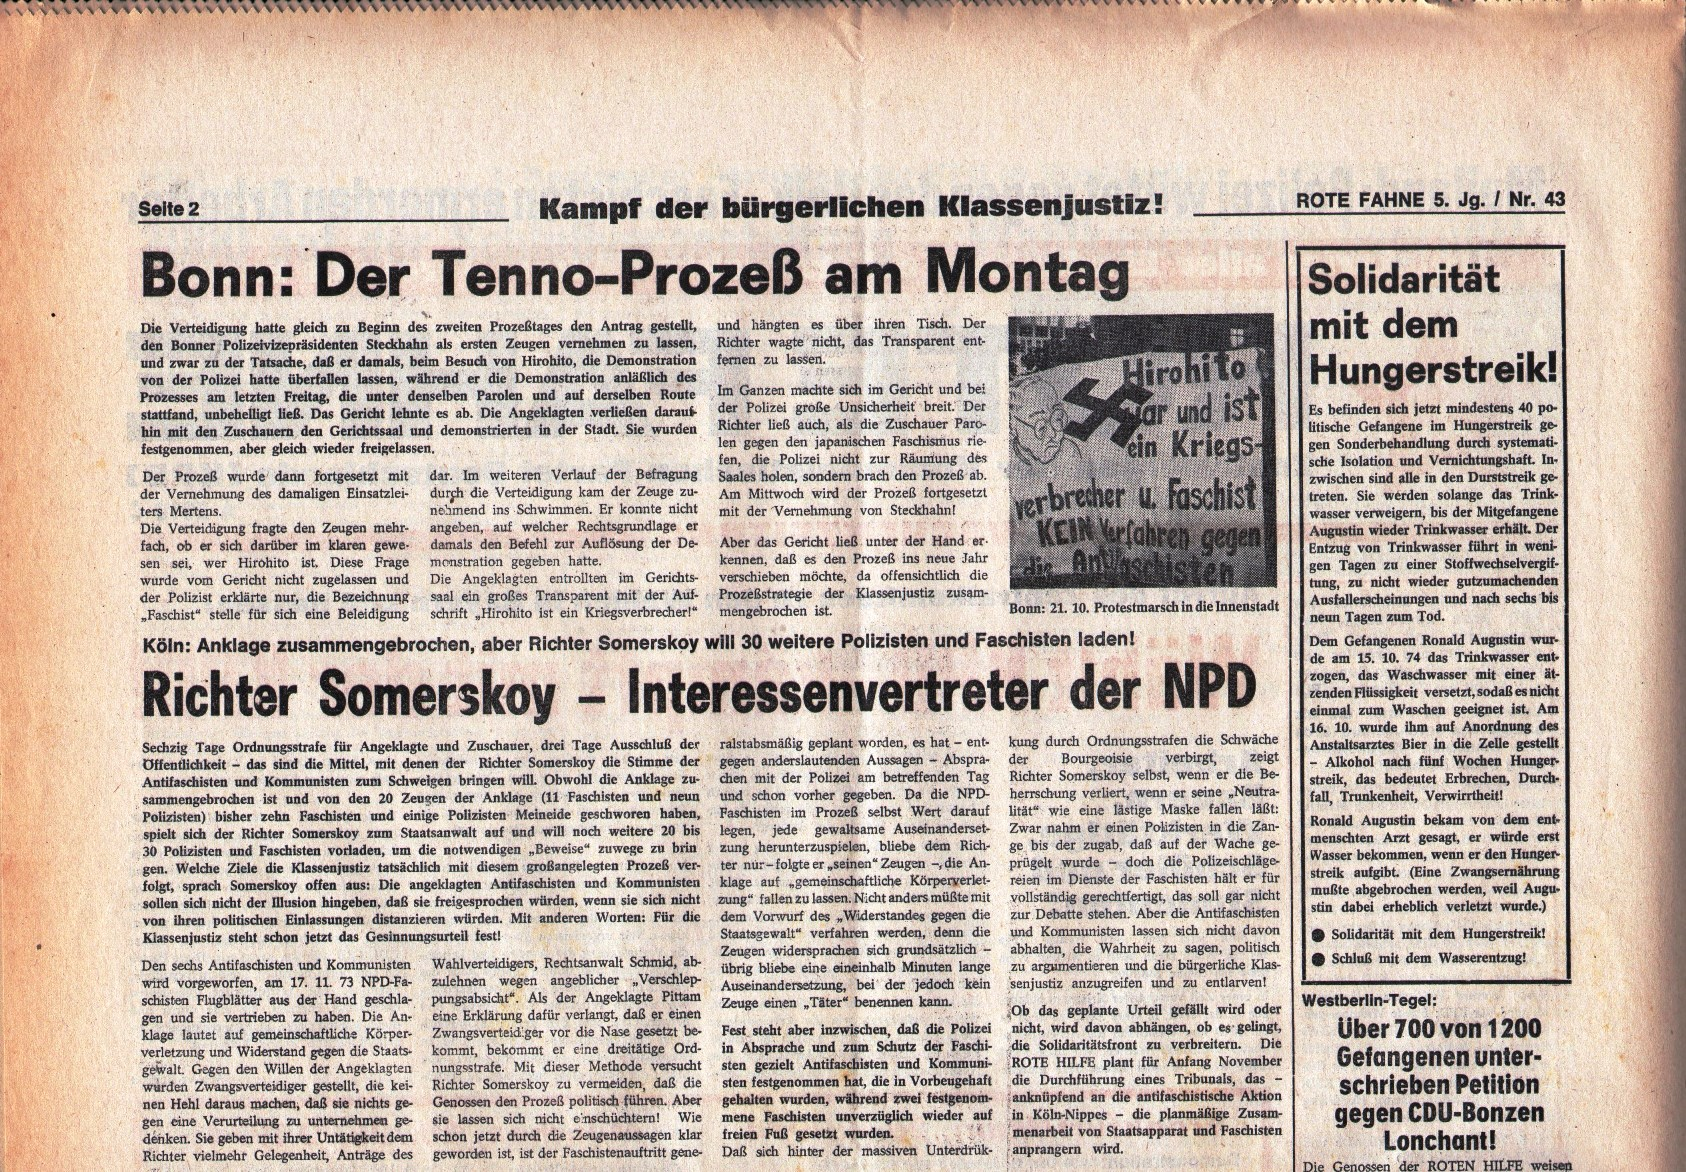 KPD_Rote_Fahne_1974_43_03